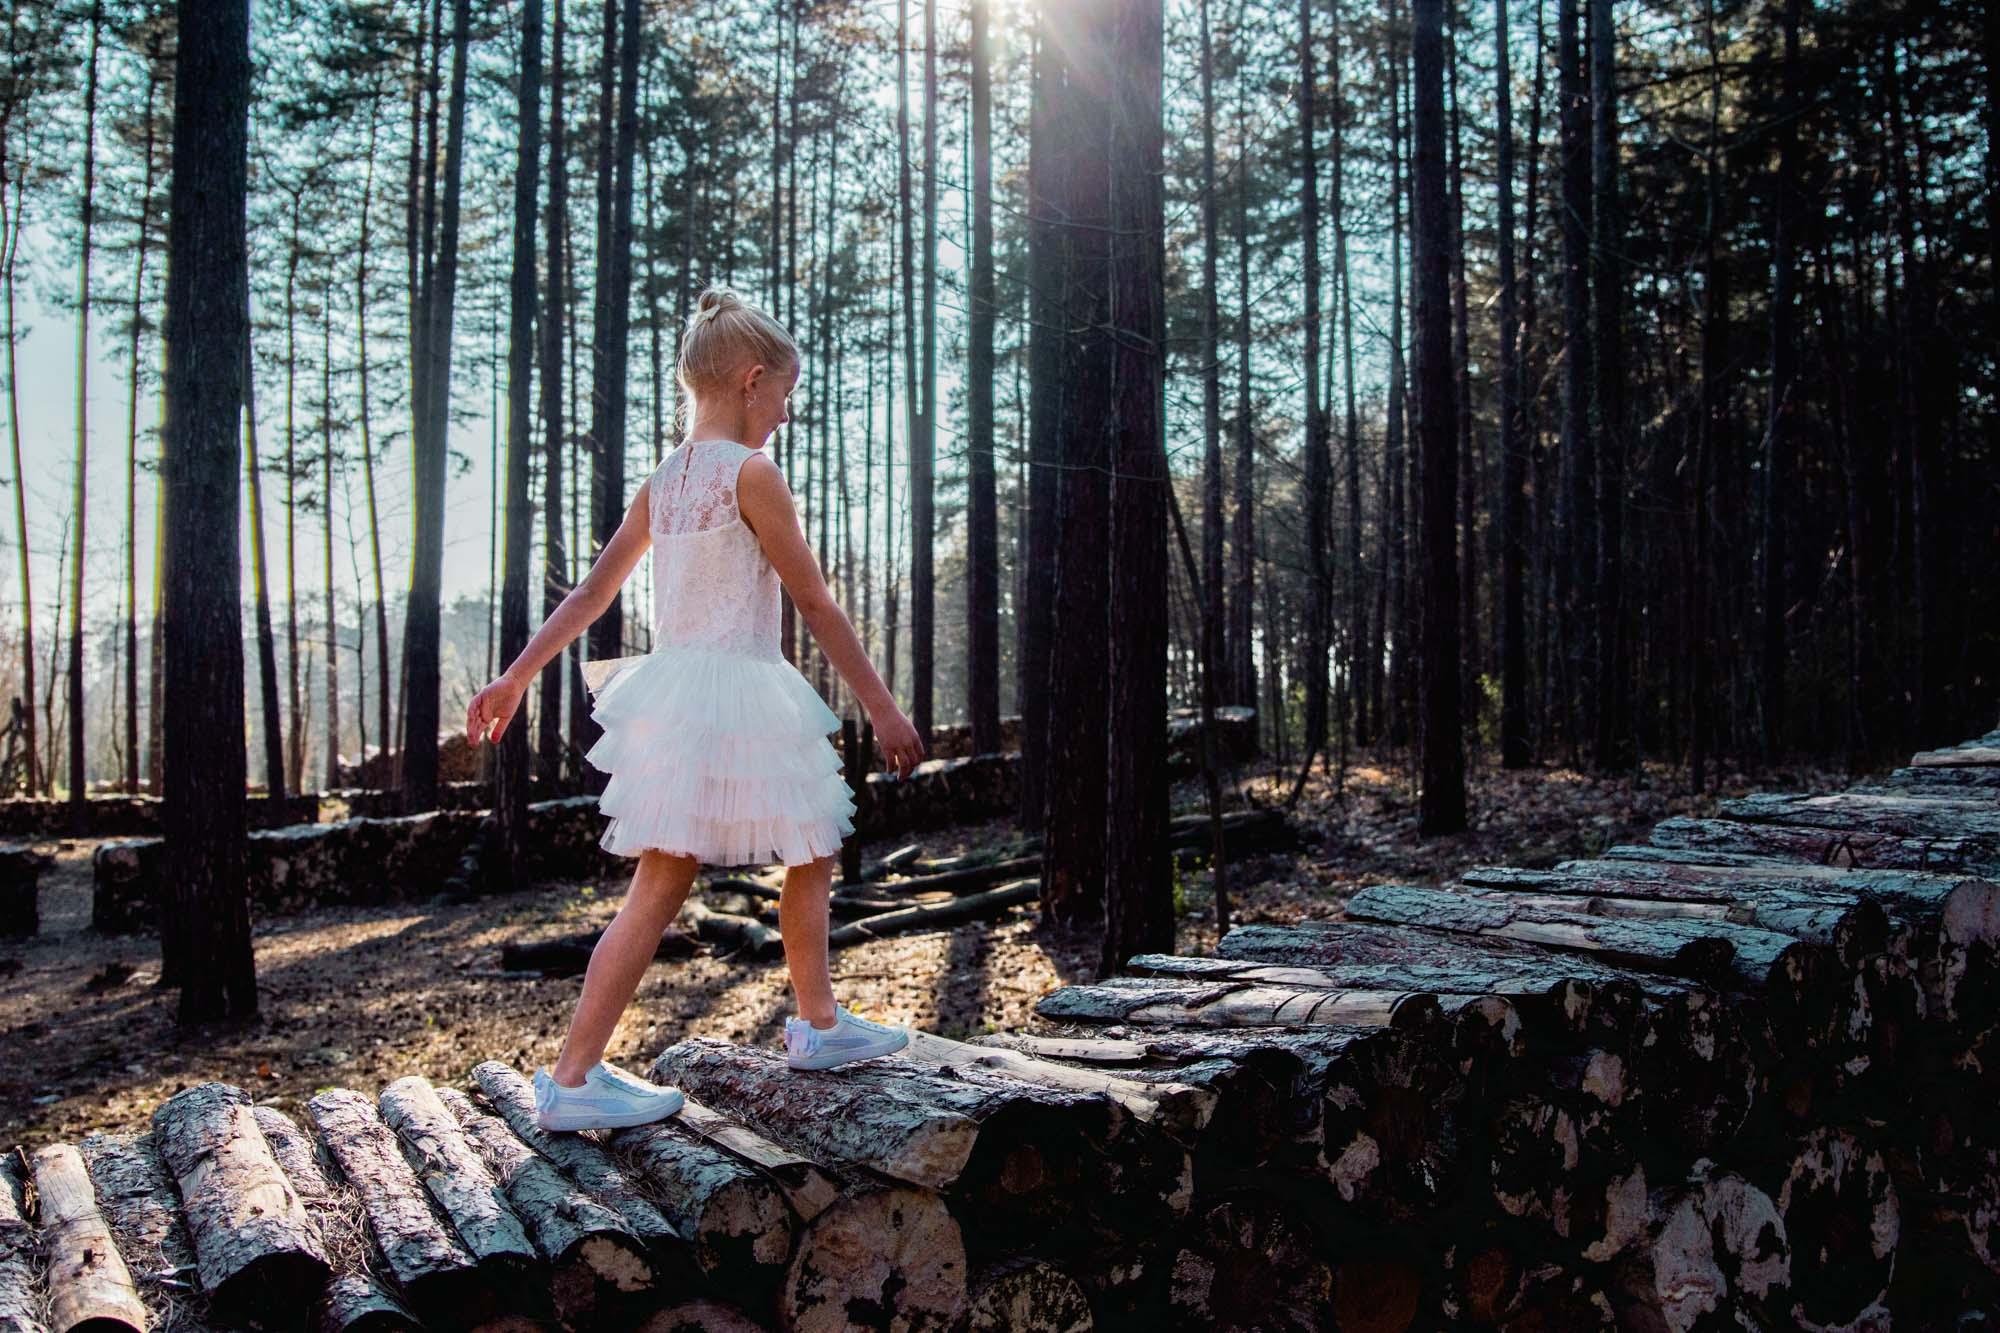 communie noor - communie fotograaf - communiefotografie - meetshovenbos - lentefeest fotograaf